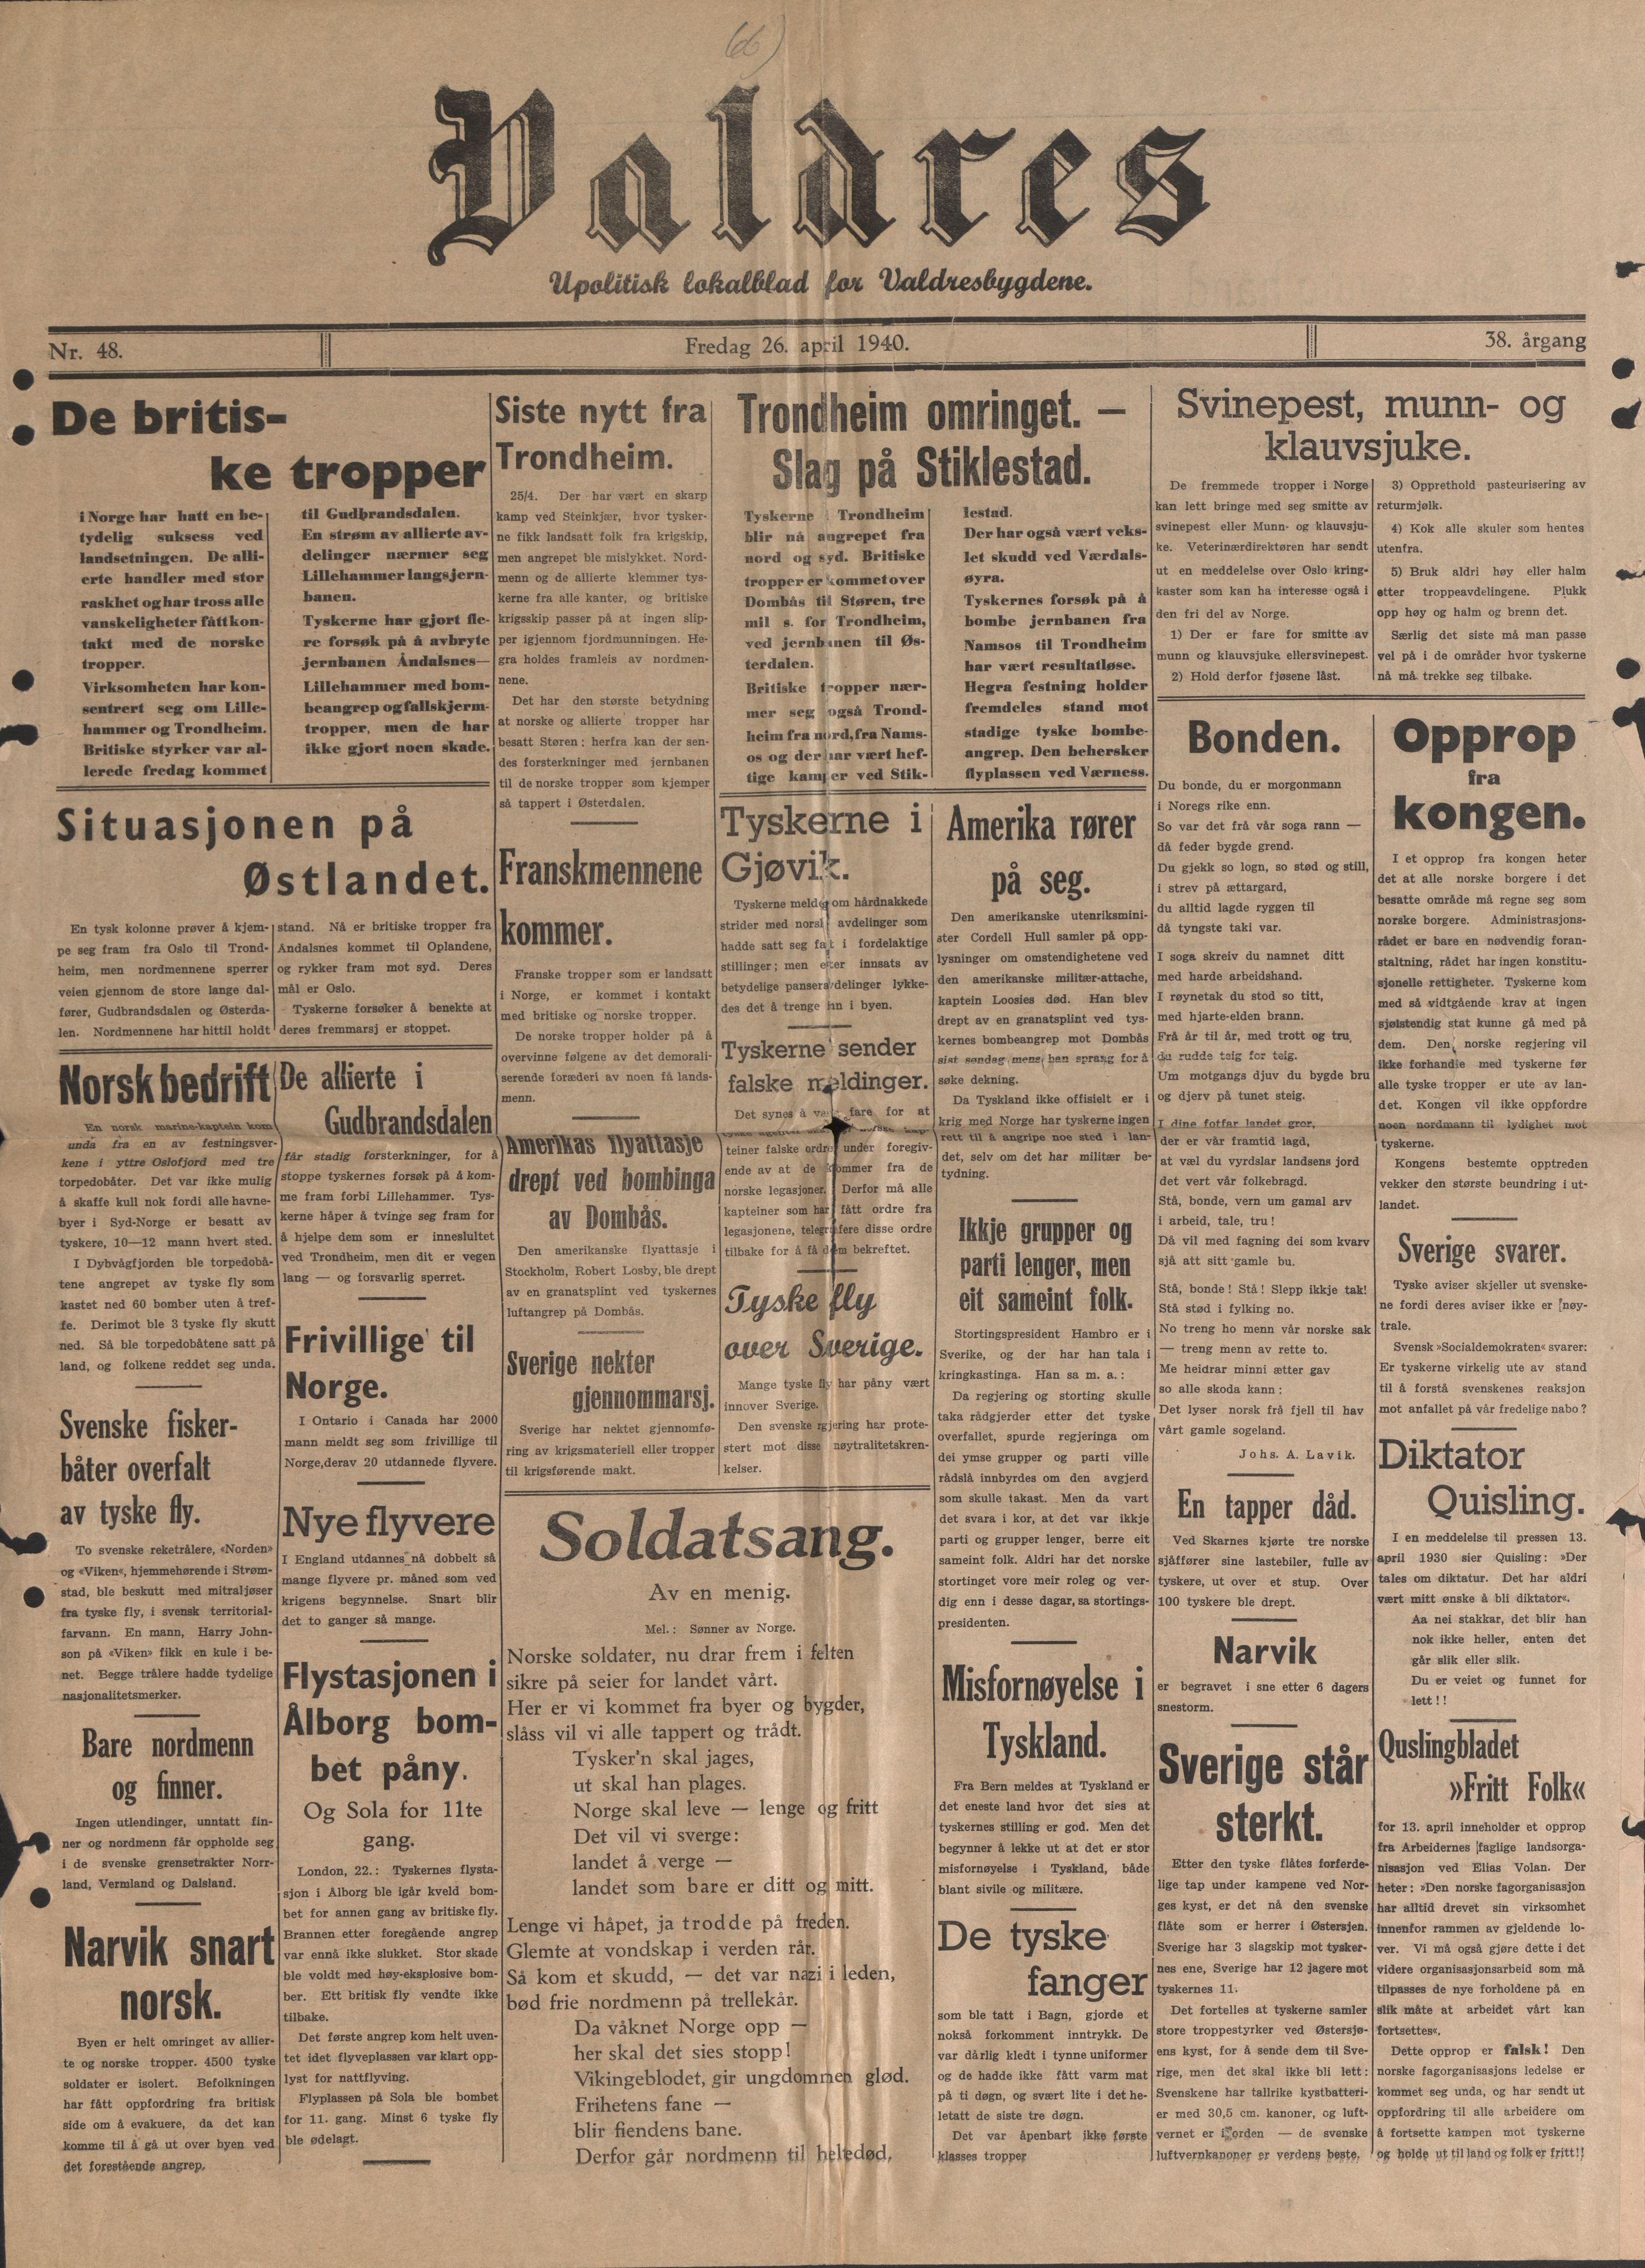 RA, Forsvaret, Forsvarets krigshistoriske avdeling, Y/Yb/L0104: II-C-11-430  -  4. Divisjon., 1940, s. 191